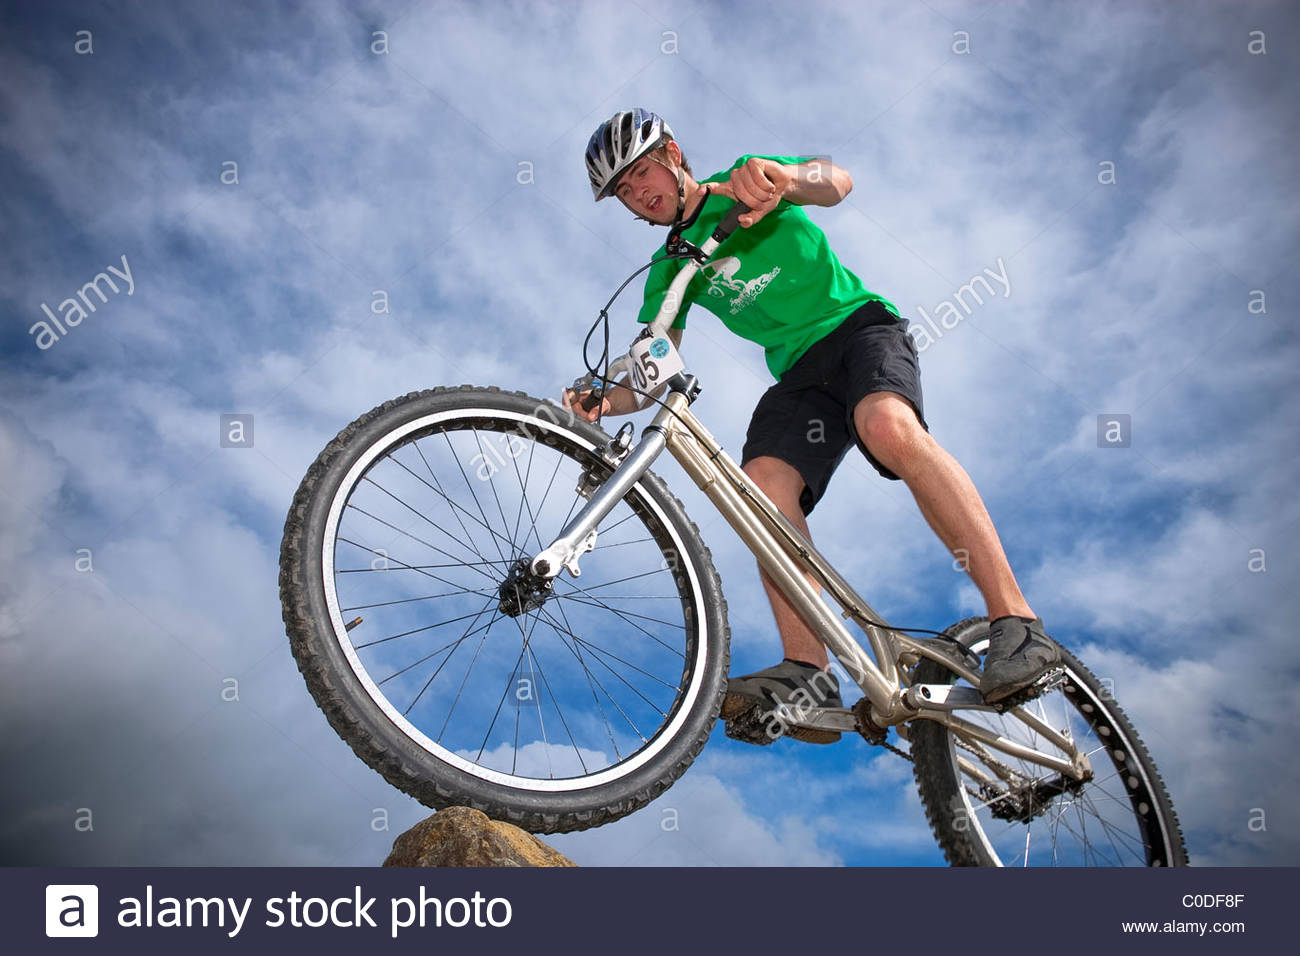 Trucs et astuces d'essais rider sur le vélo Photo Stock